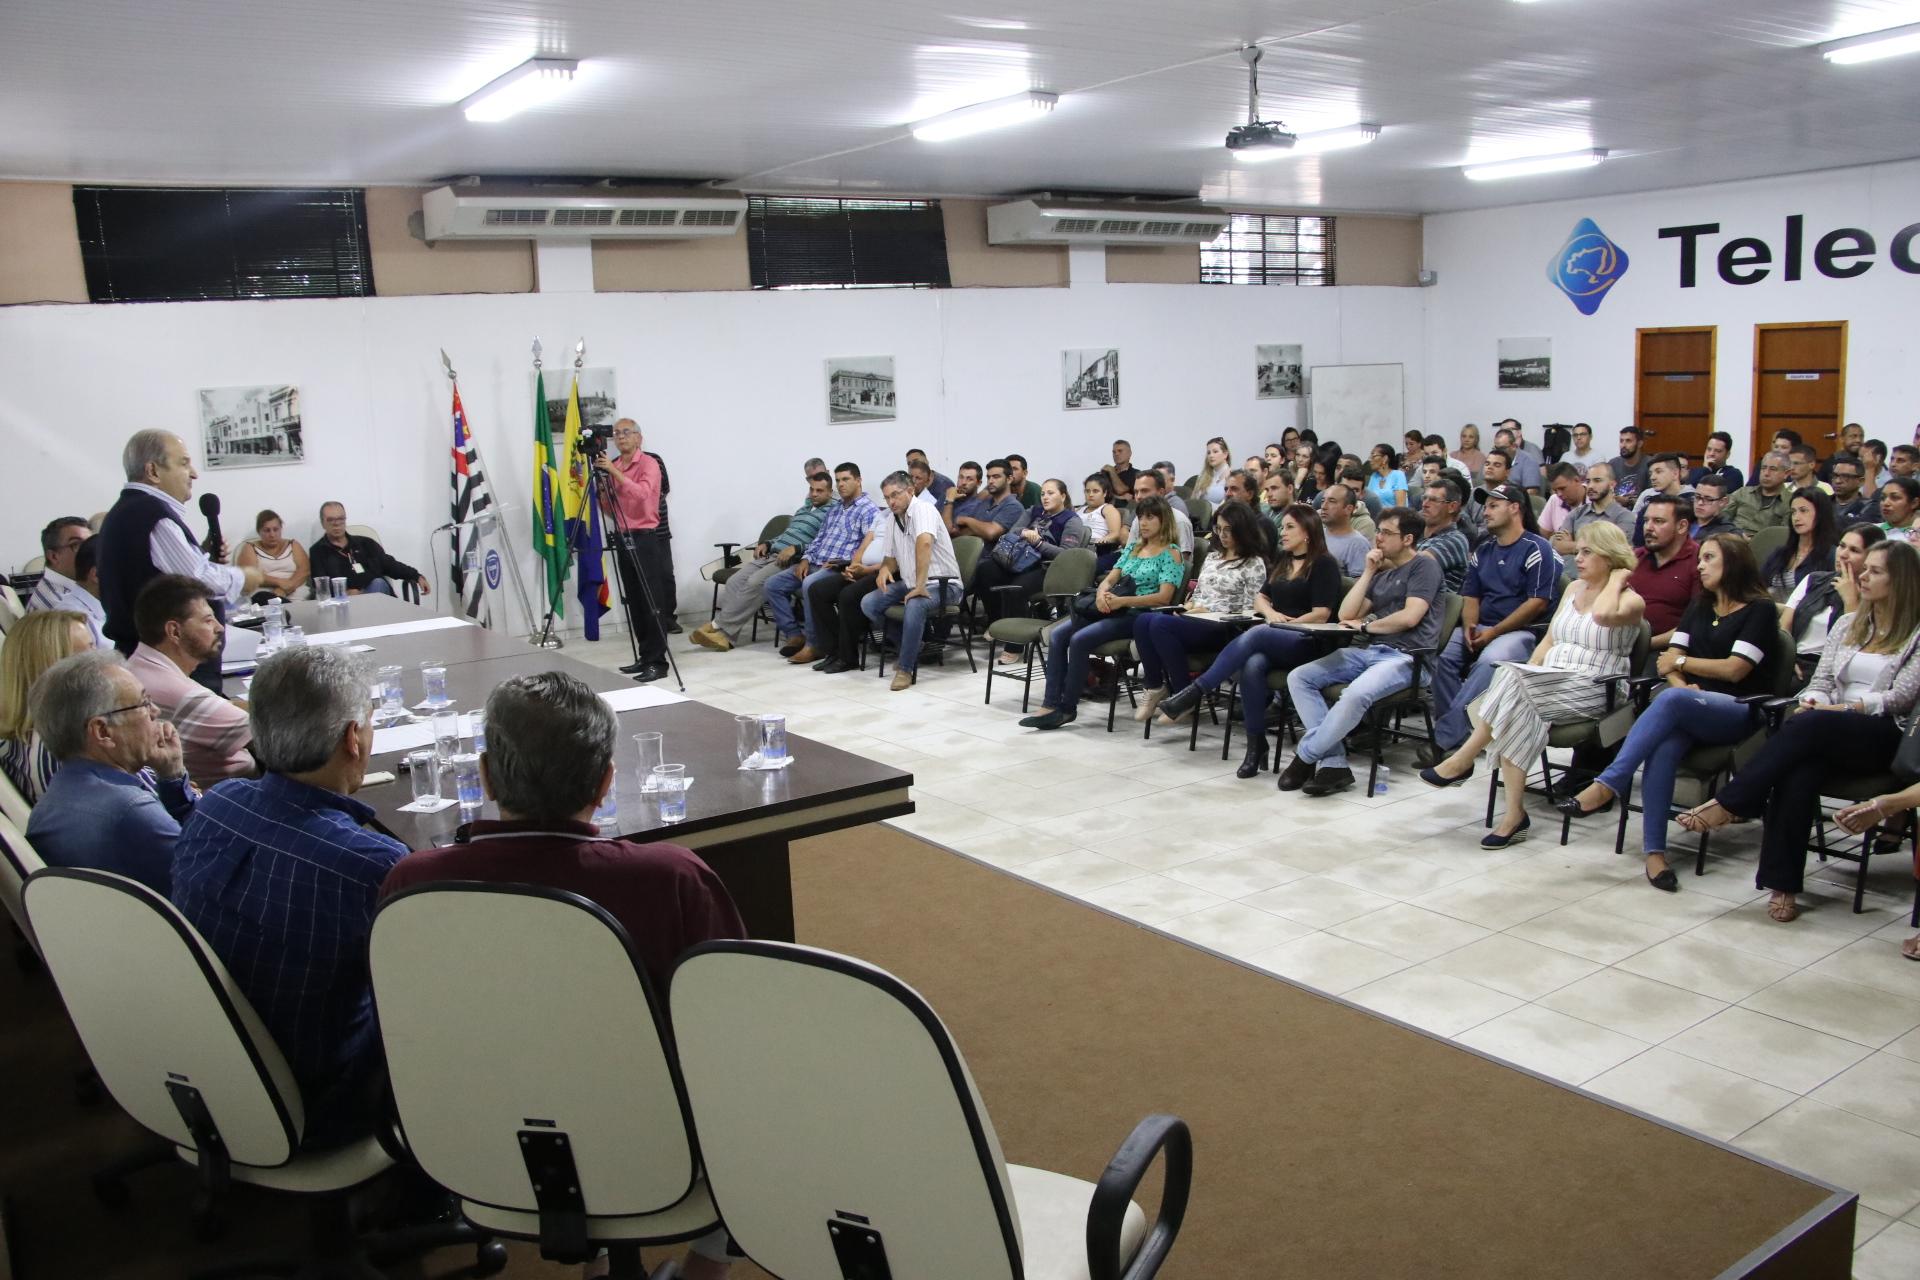 08.11.2019 Posse novos funcionarios publico (14)